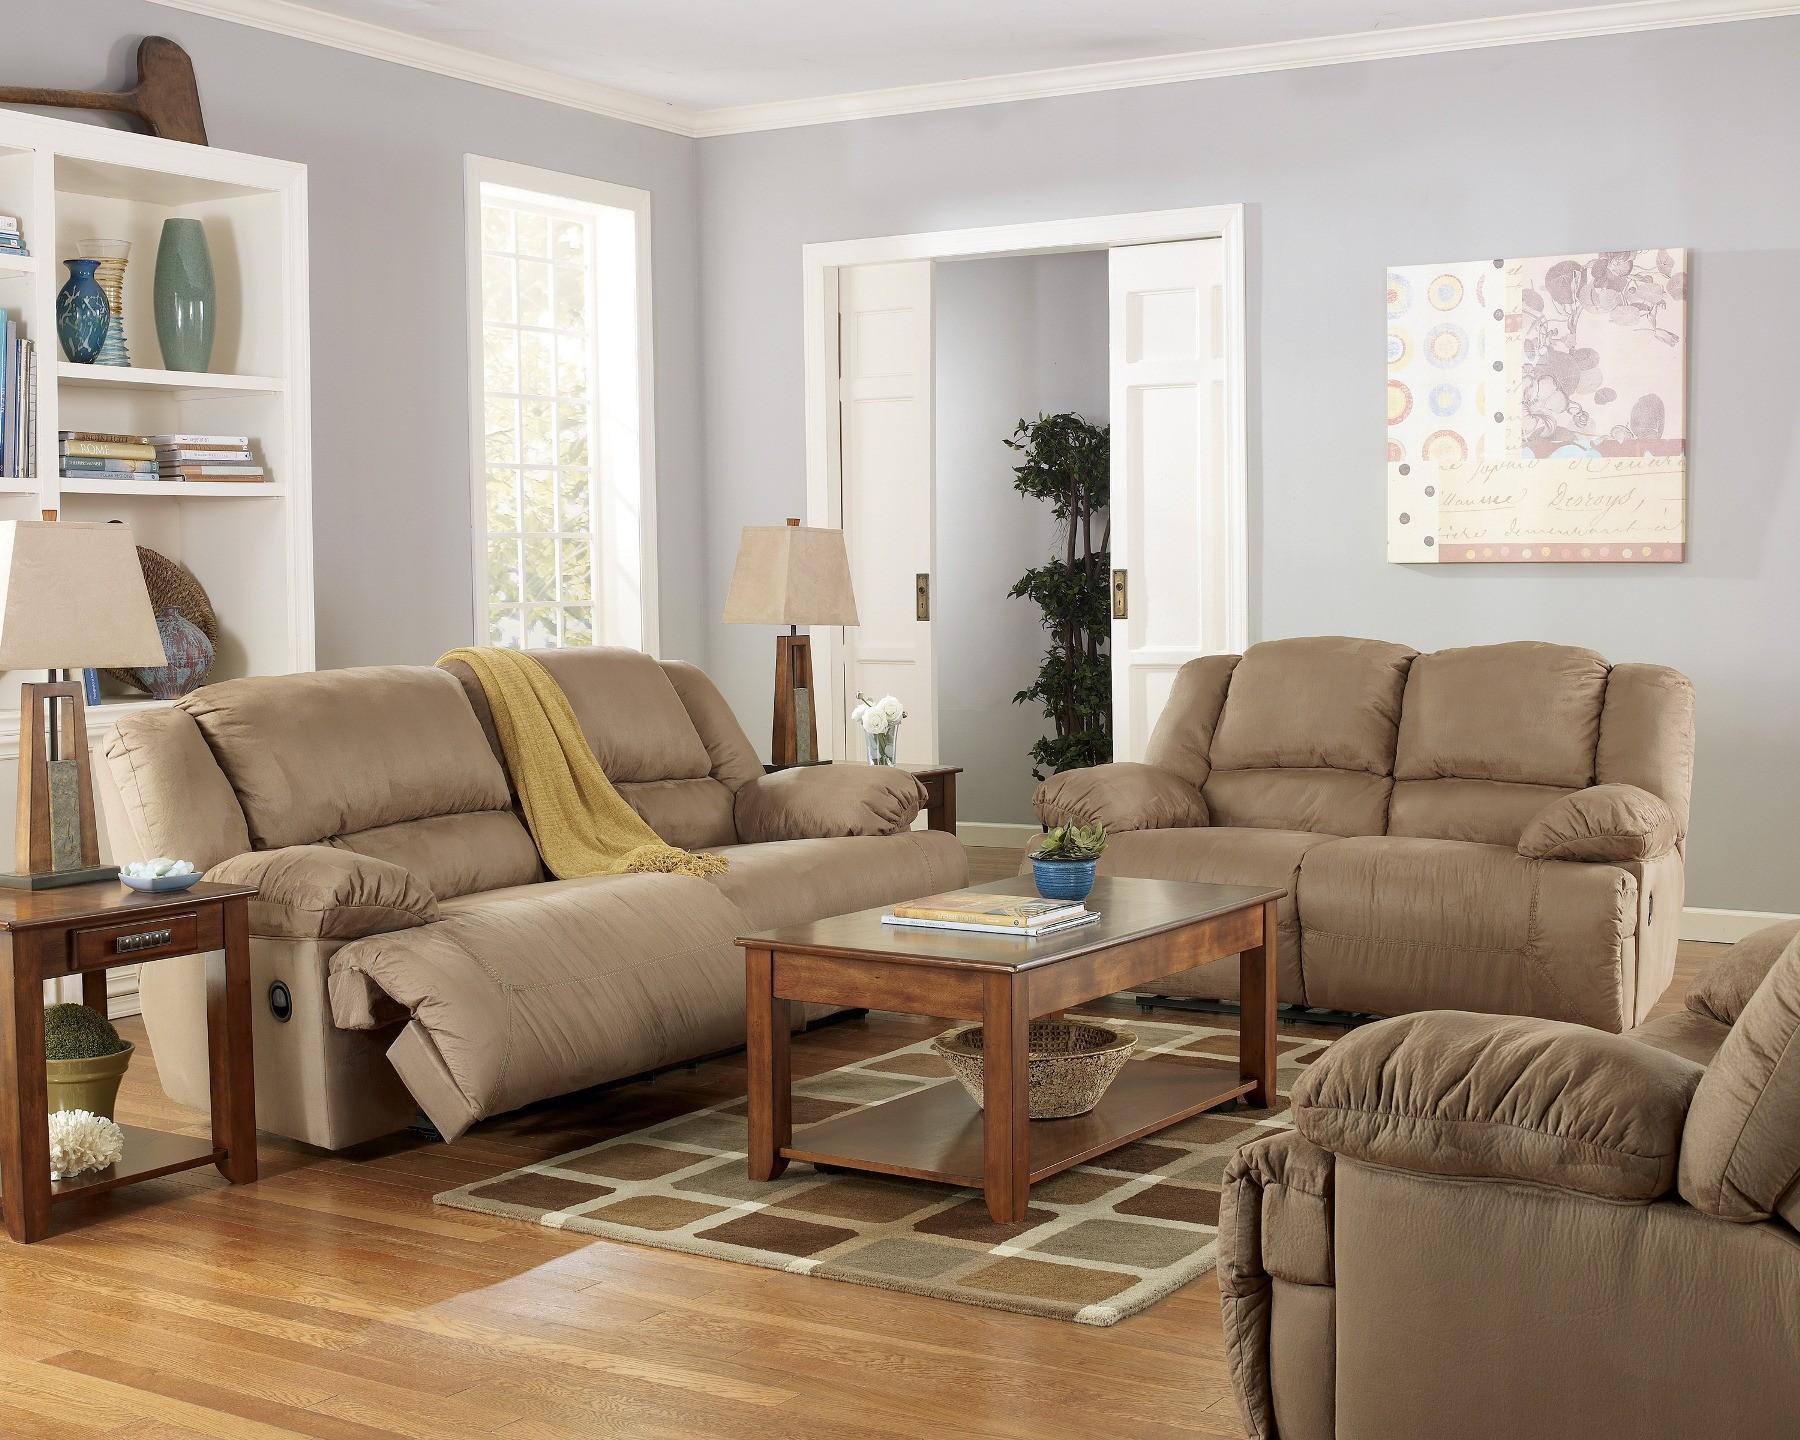 Hogan Mocha Reclining Living Room Set From Ashley 57802